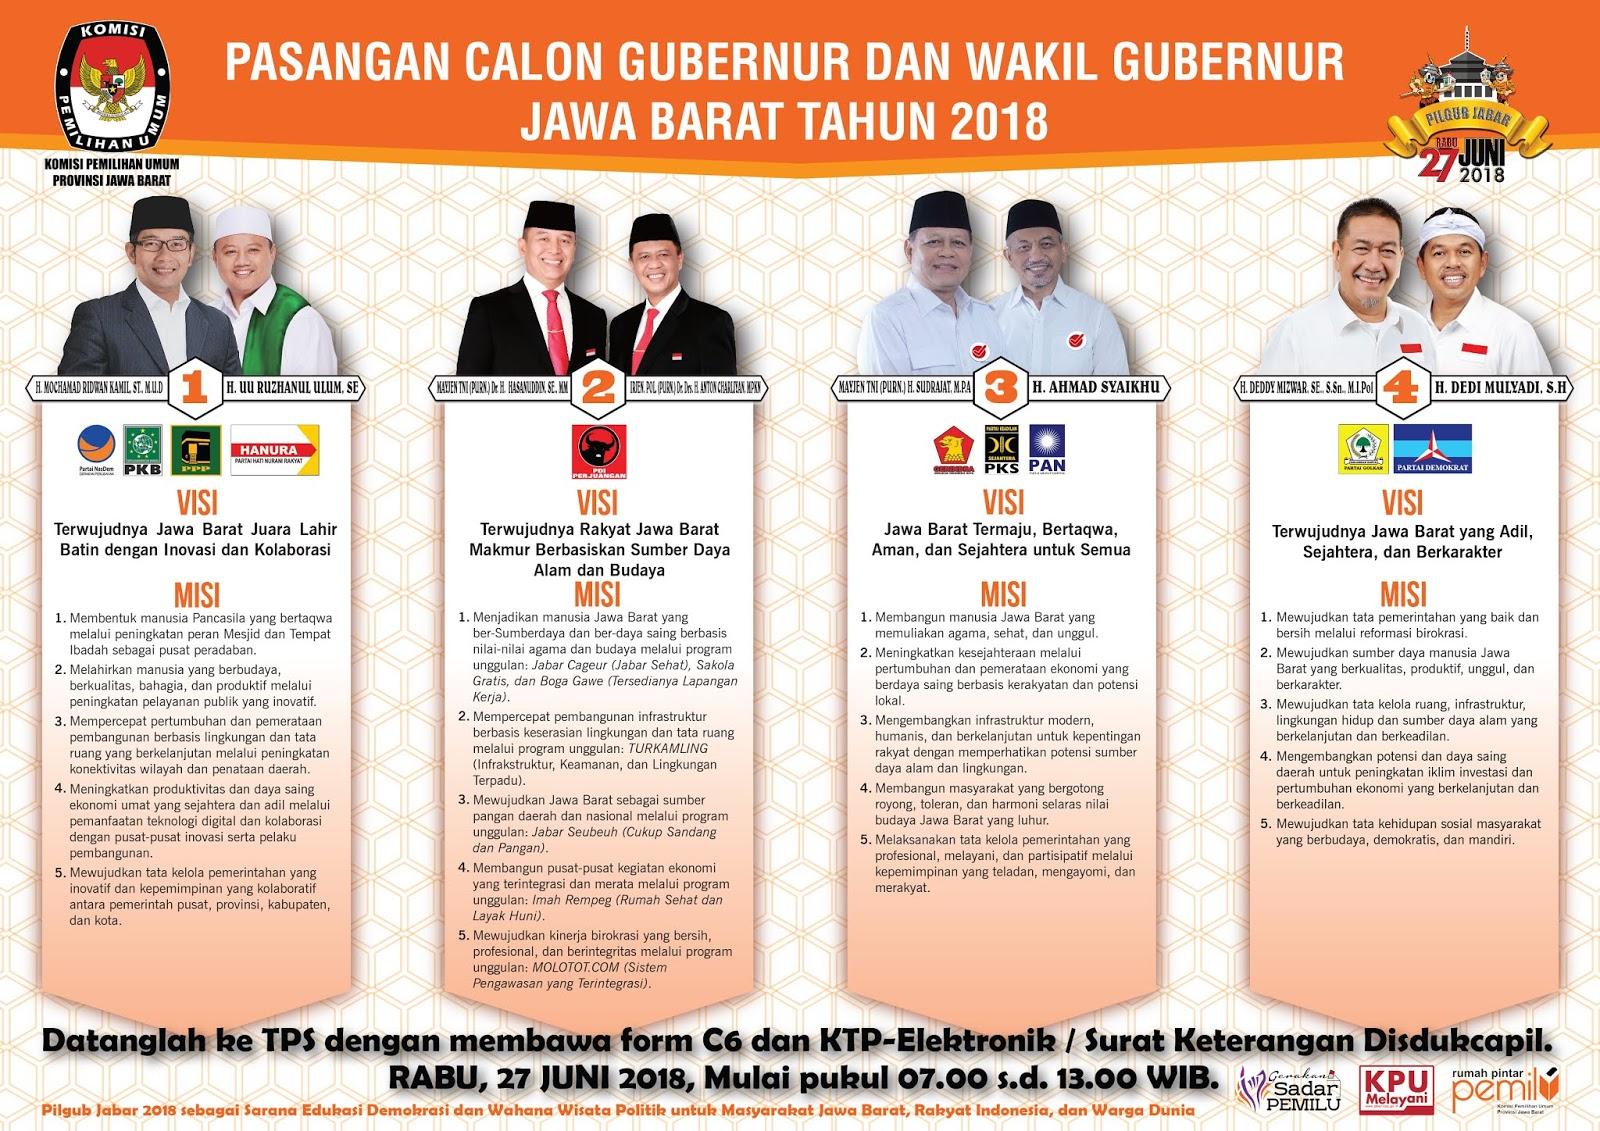 Pasangan Calon Gubernur dan Wakil Gubernur Jawa Barat 2018